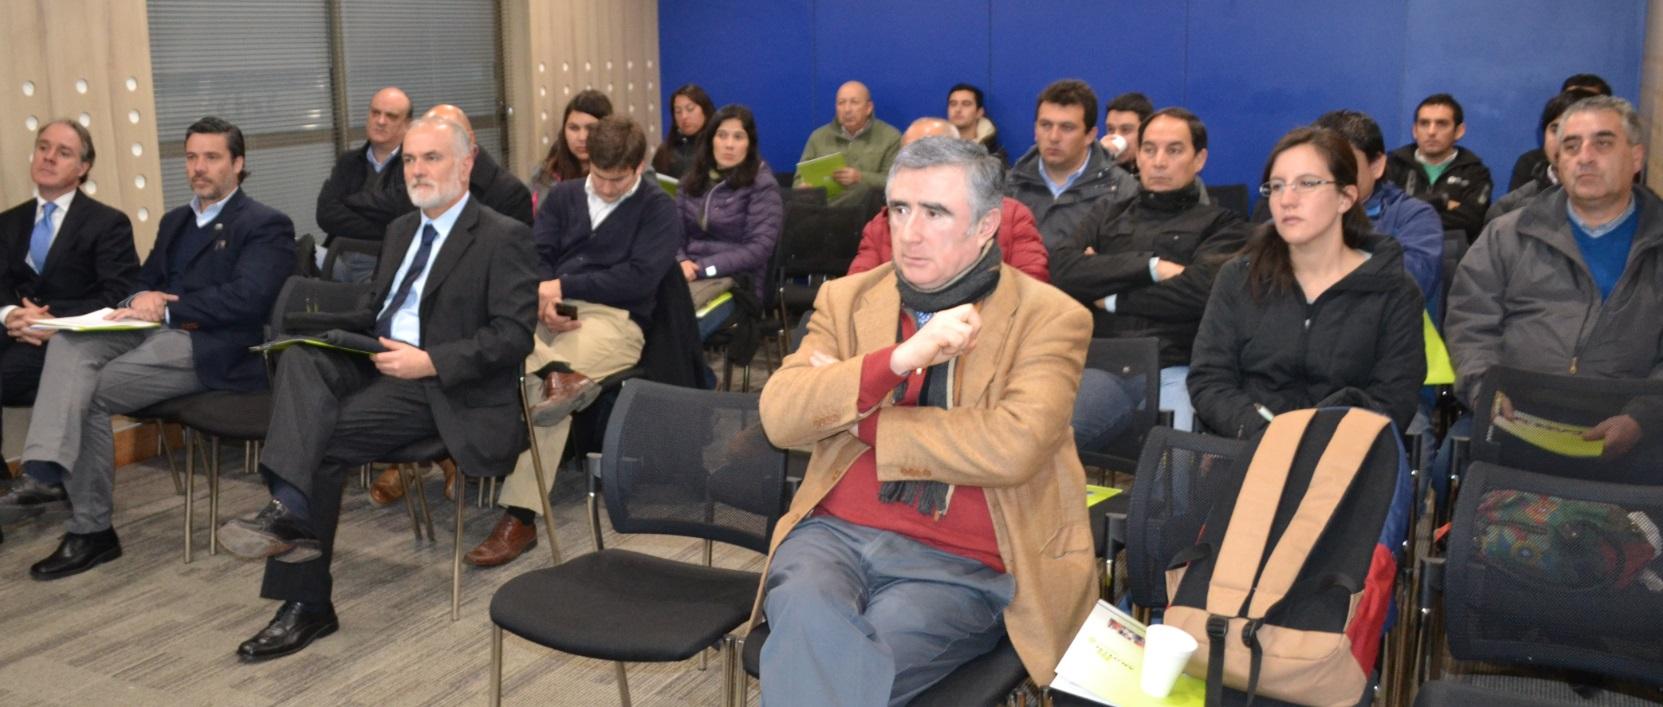 Mutual de Seguridad realiza seminario sobre legislación ambiental en la CChC Talca noticias